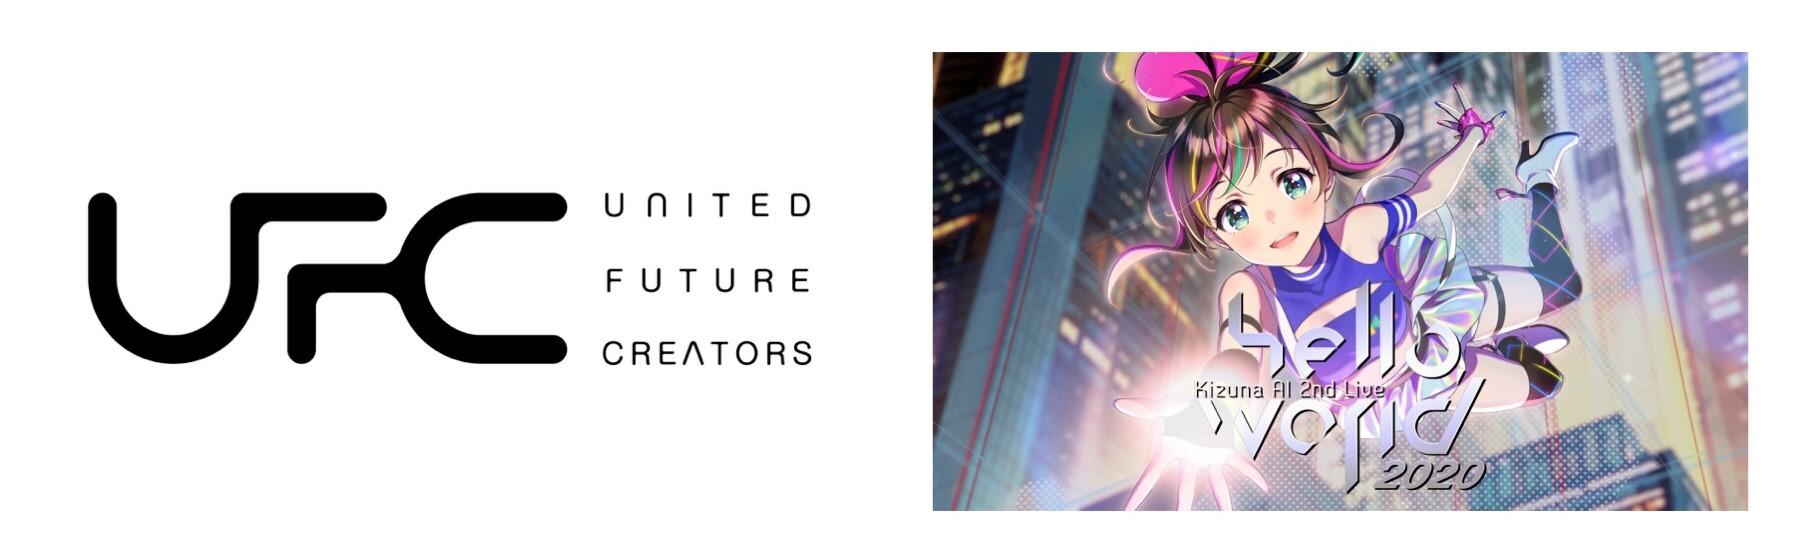 音楽クリエイターチームFuture UnisonがバーチャルアーティストKizuna AIへ初の楽曲提供!